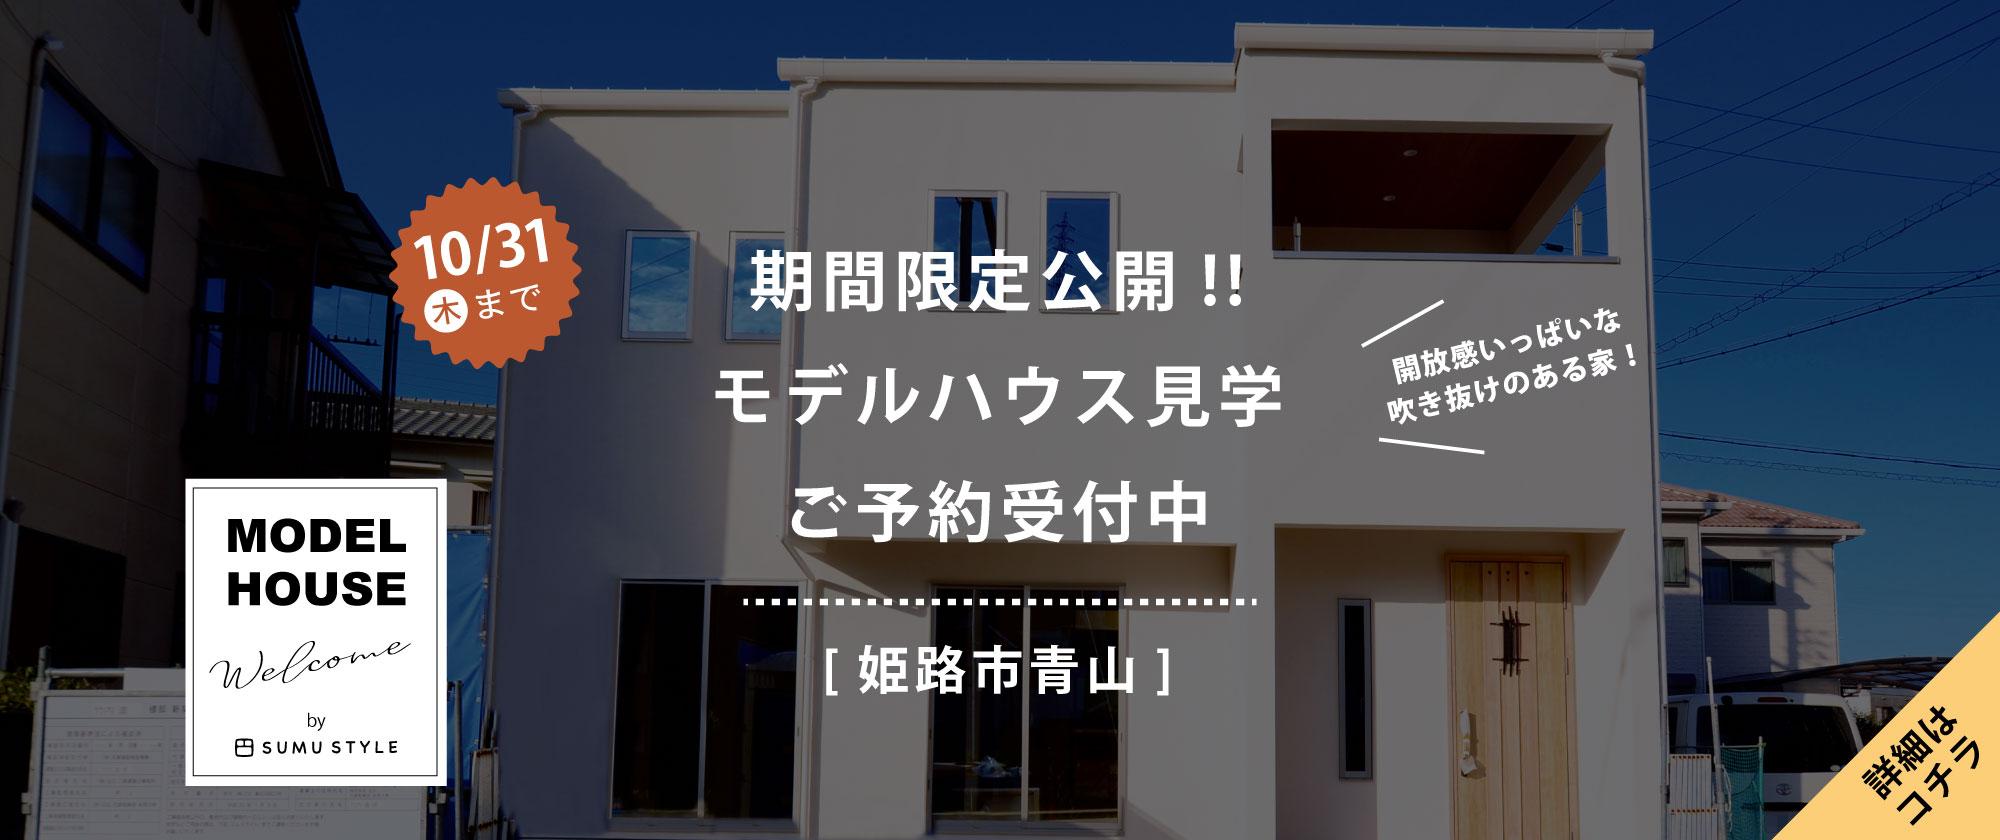 期間限定公開モデルハウス見学